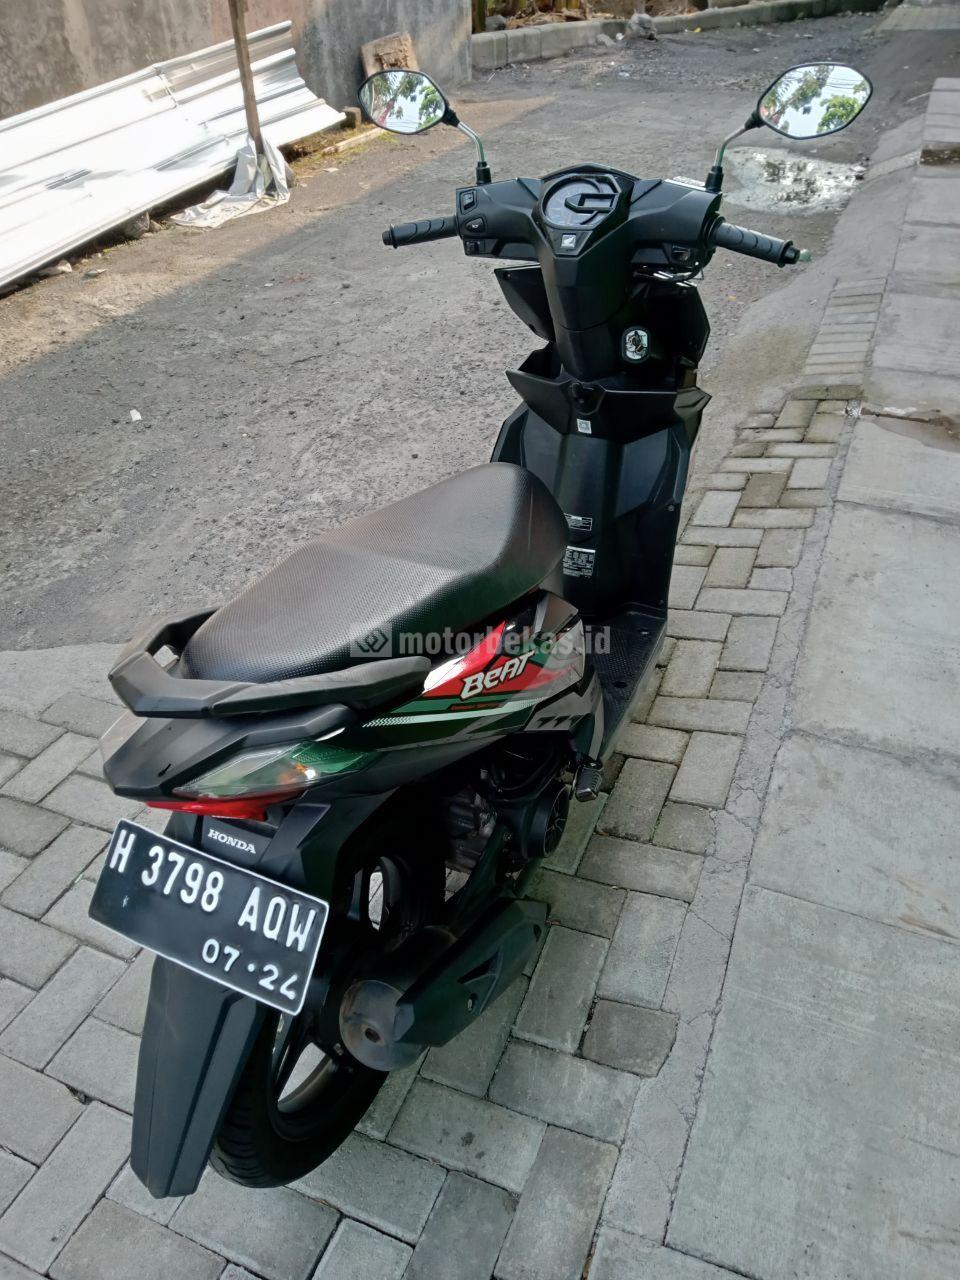 HONDA BEAT FI 2699 motorbekas.id